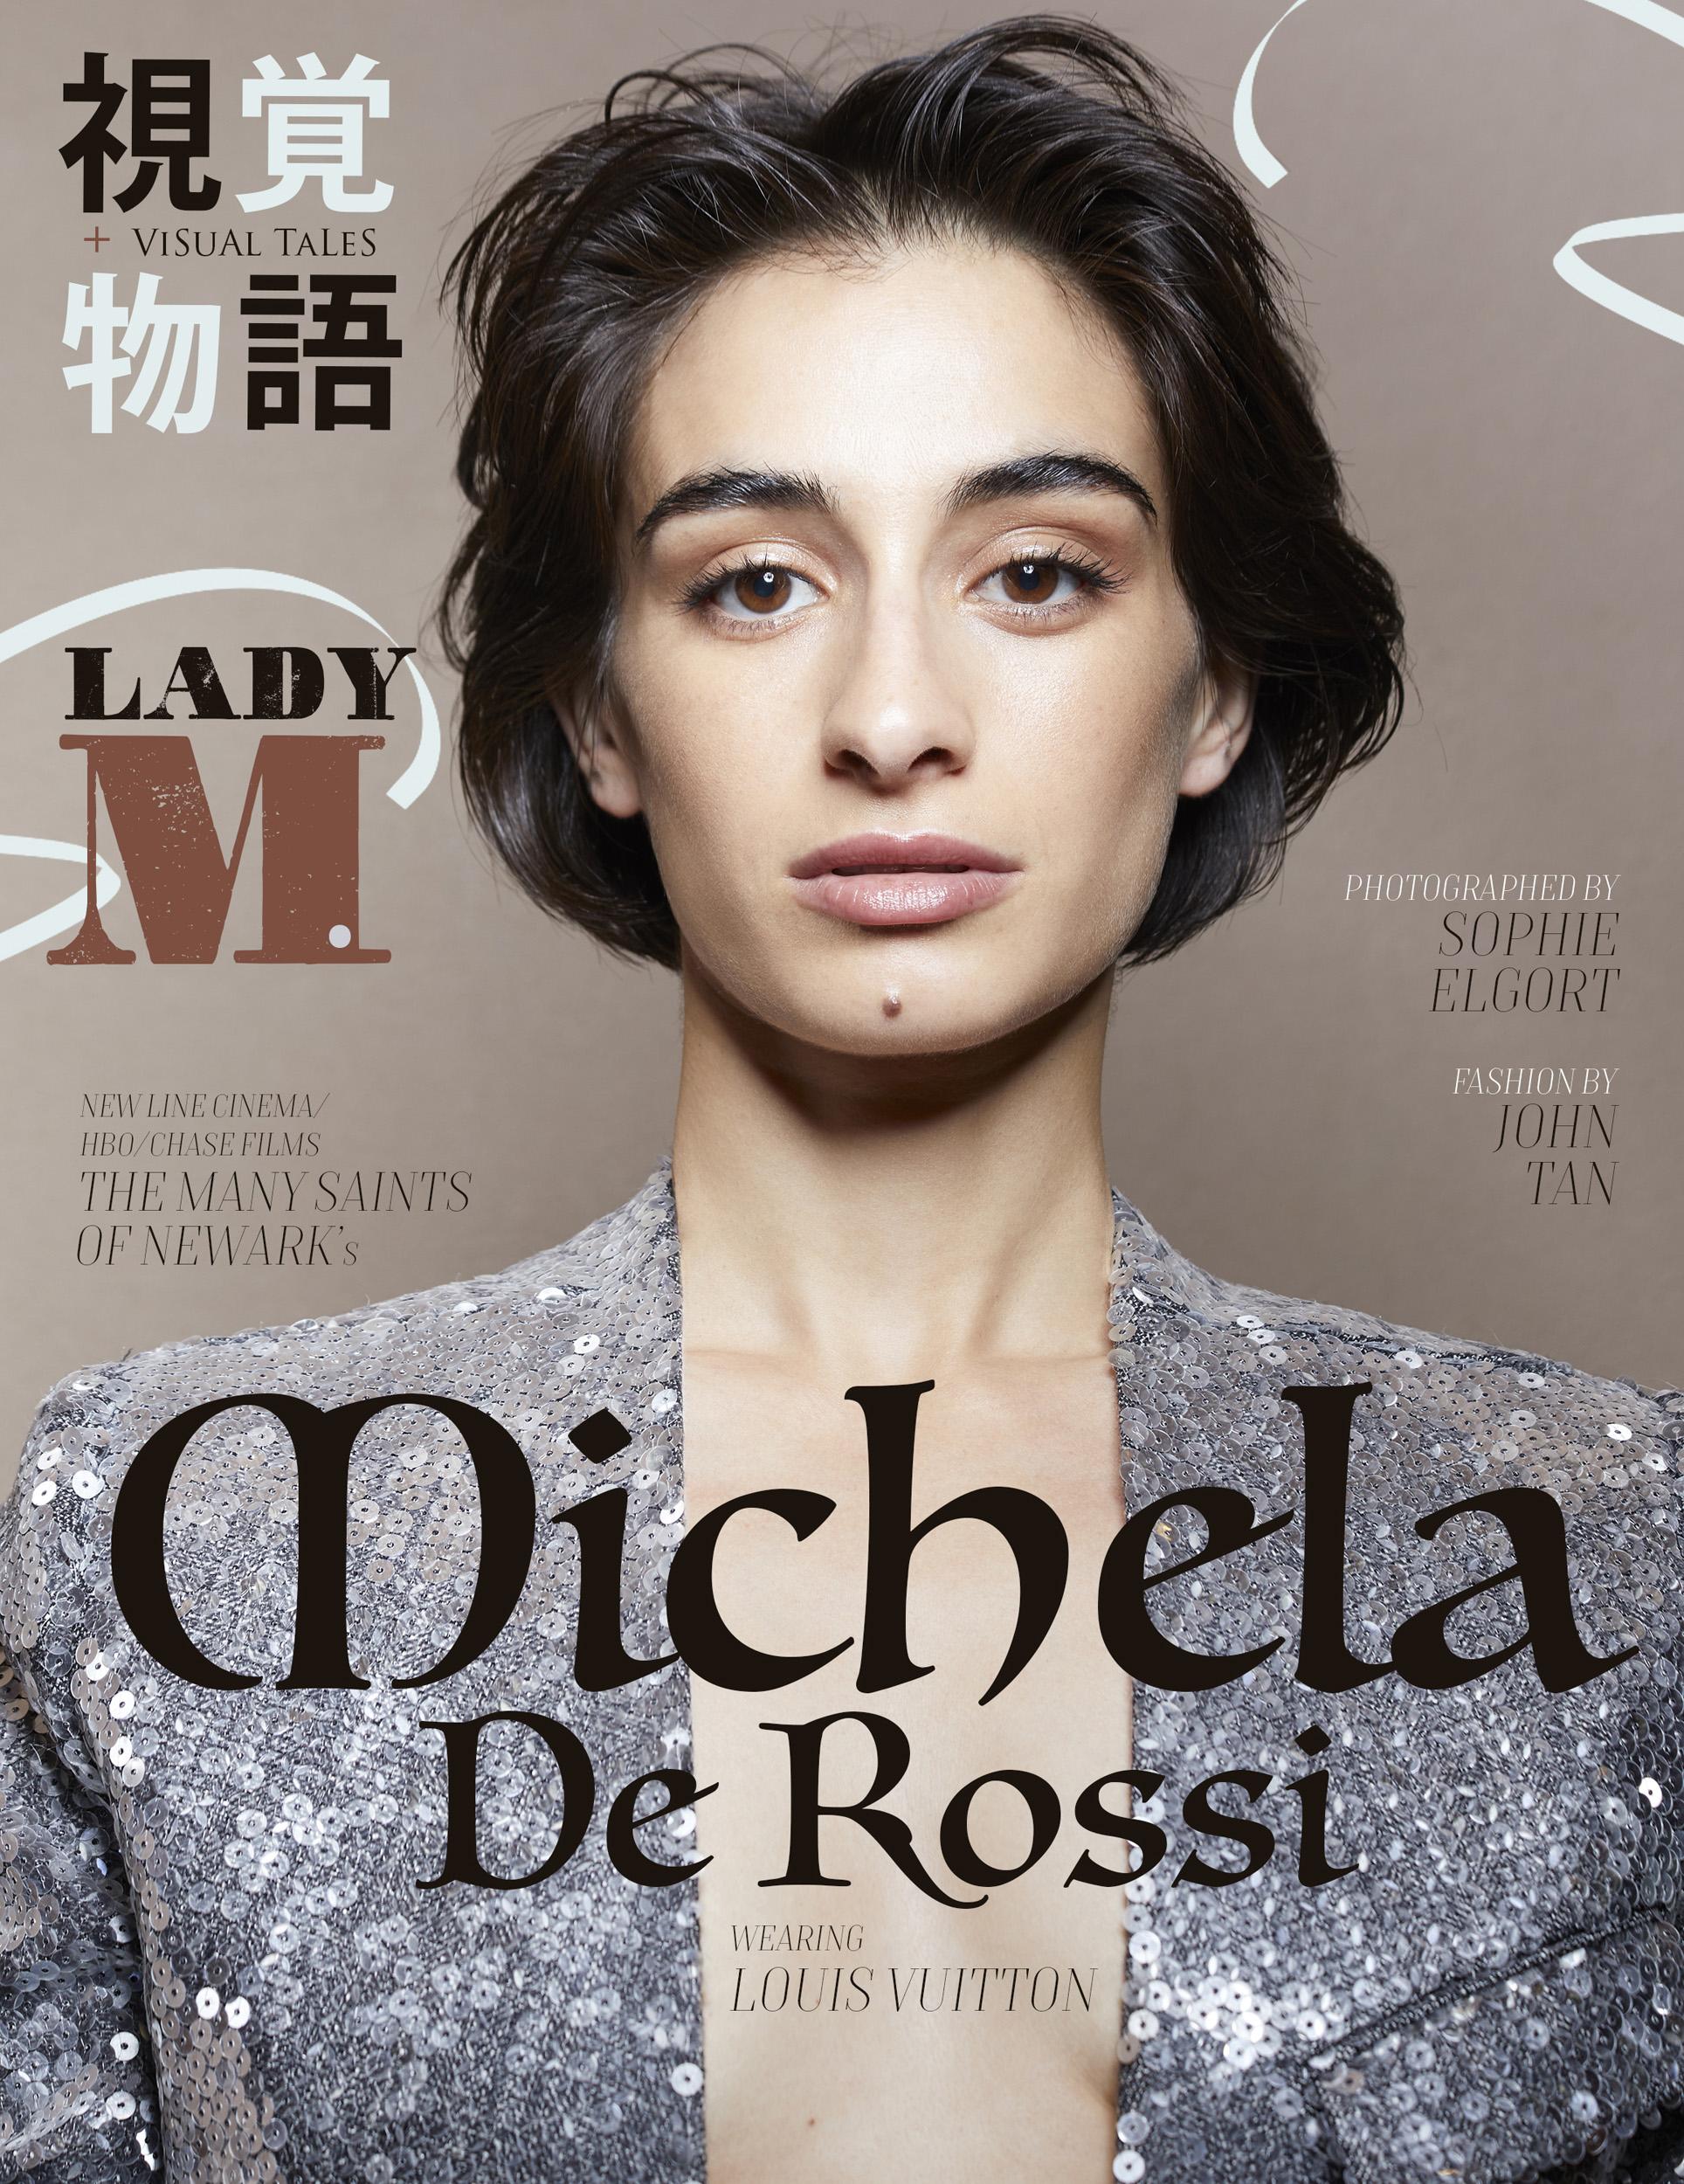 VISUAL_TALES_MICHELA_DE_ROSSI